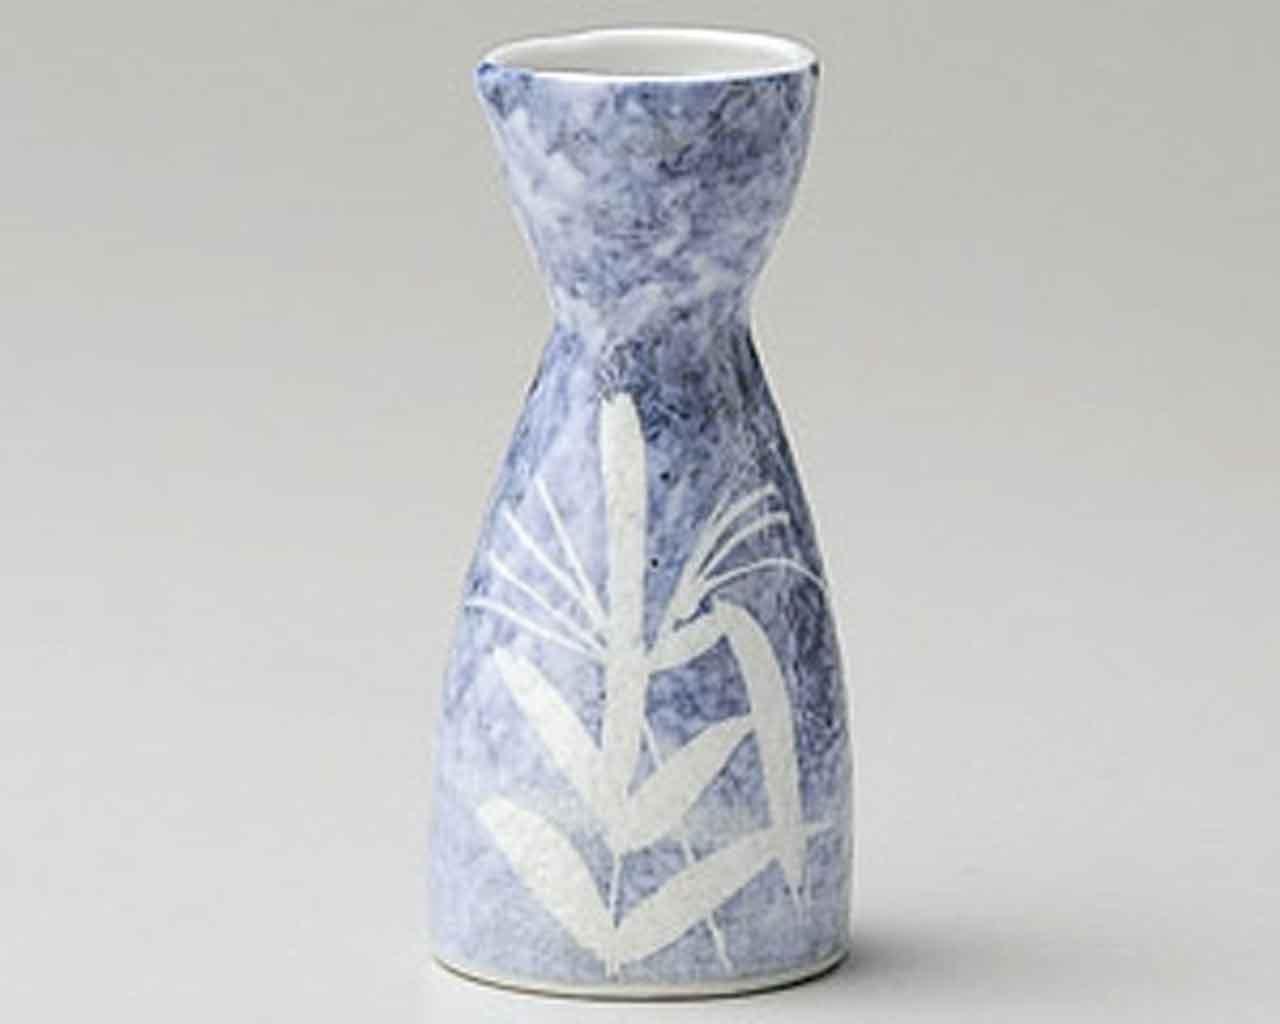 Awayuki Ashi Blue 3.1inch Set of 5 Sake carafes White porcelain Made in Japan